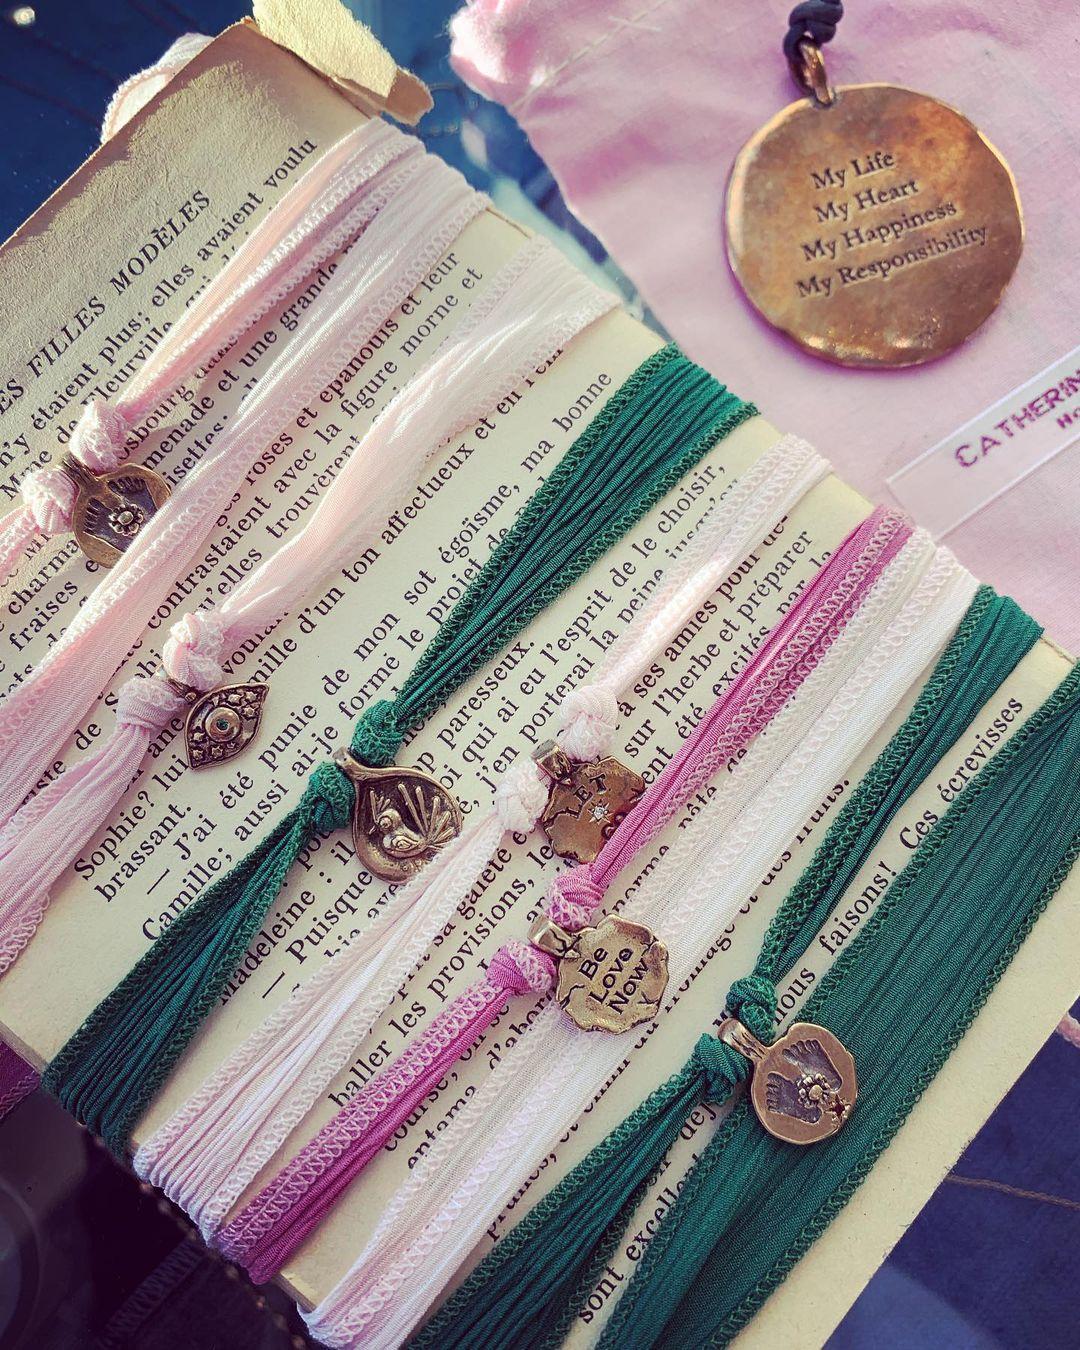 Des bracelets Catherine Michiels sur liens en soie